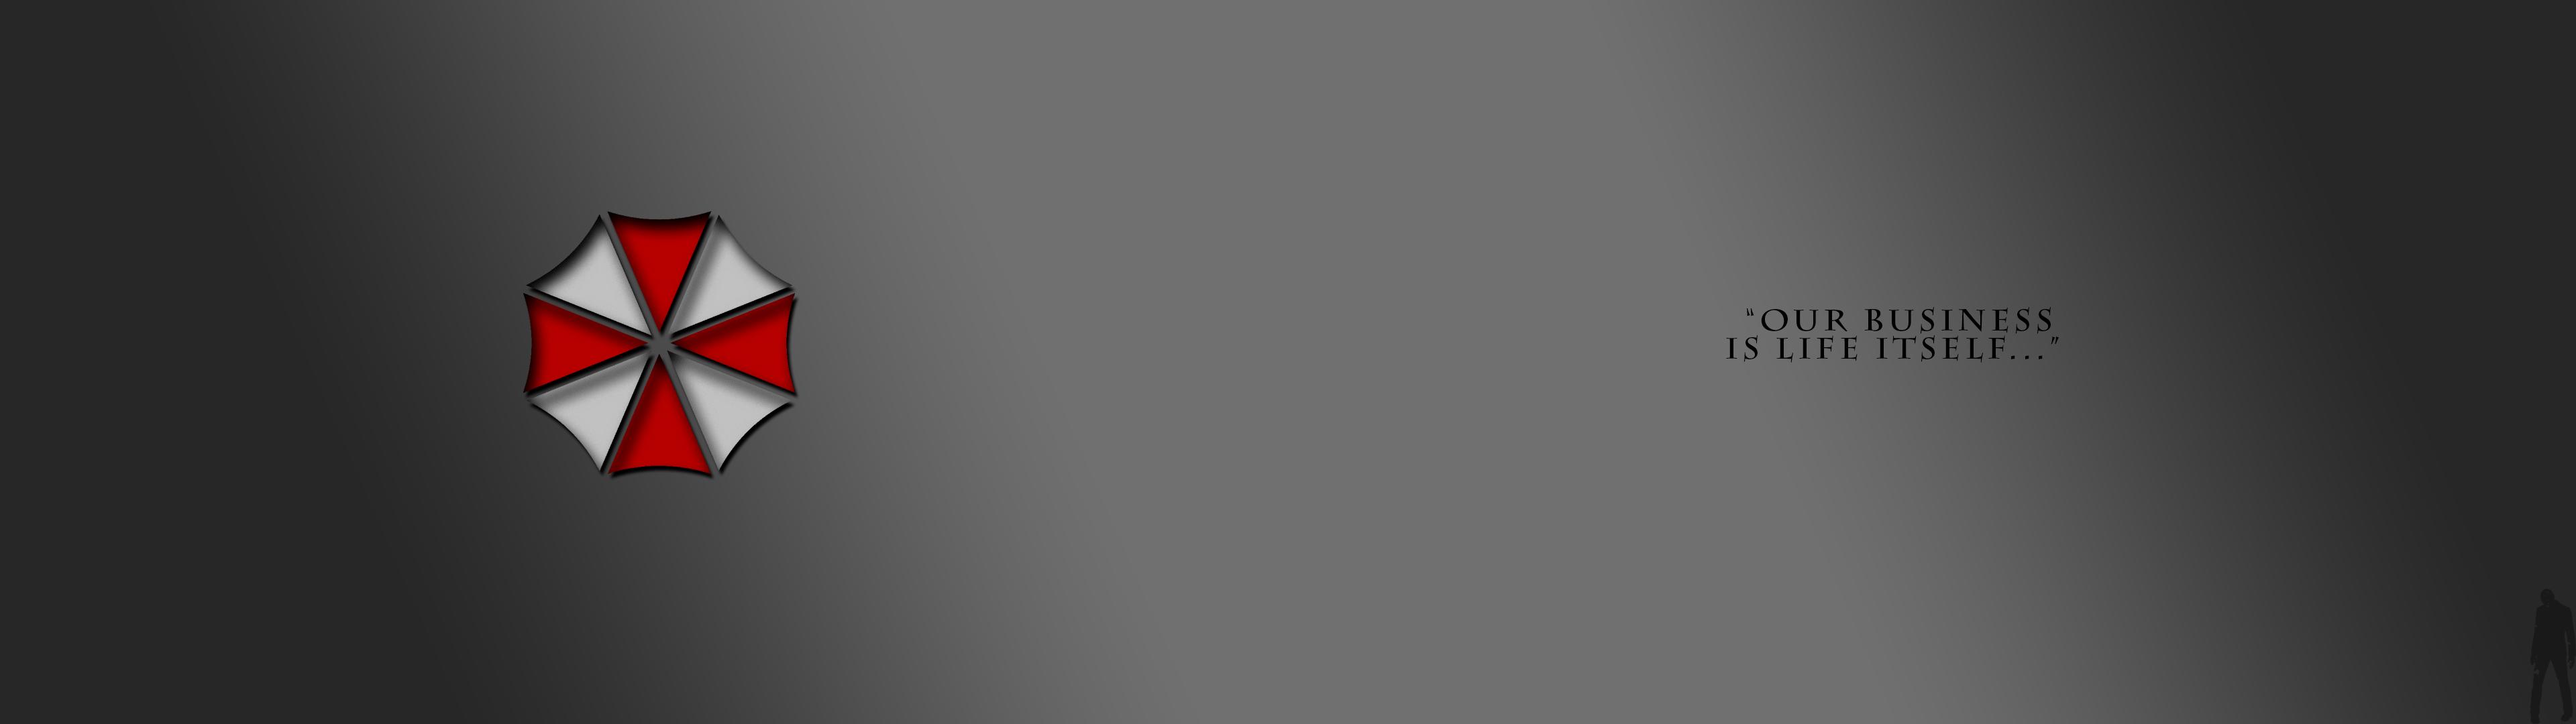 50+] Dual Monitor Wallpaper Reddit on WallpaperSafari